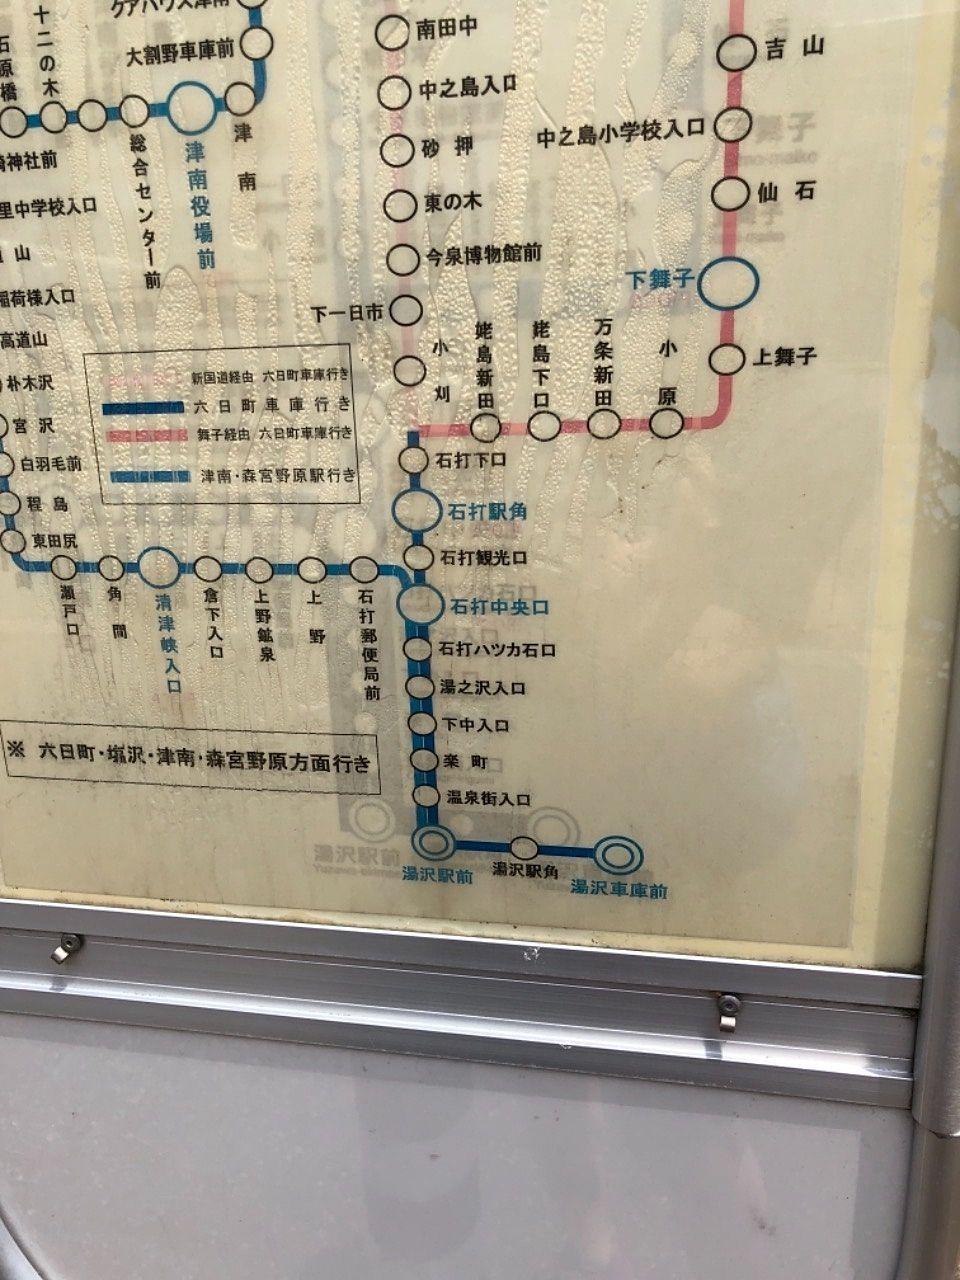 越後湯沢から石打方面の路線図です